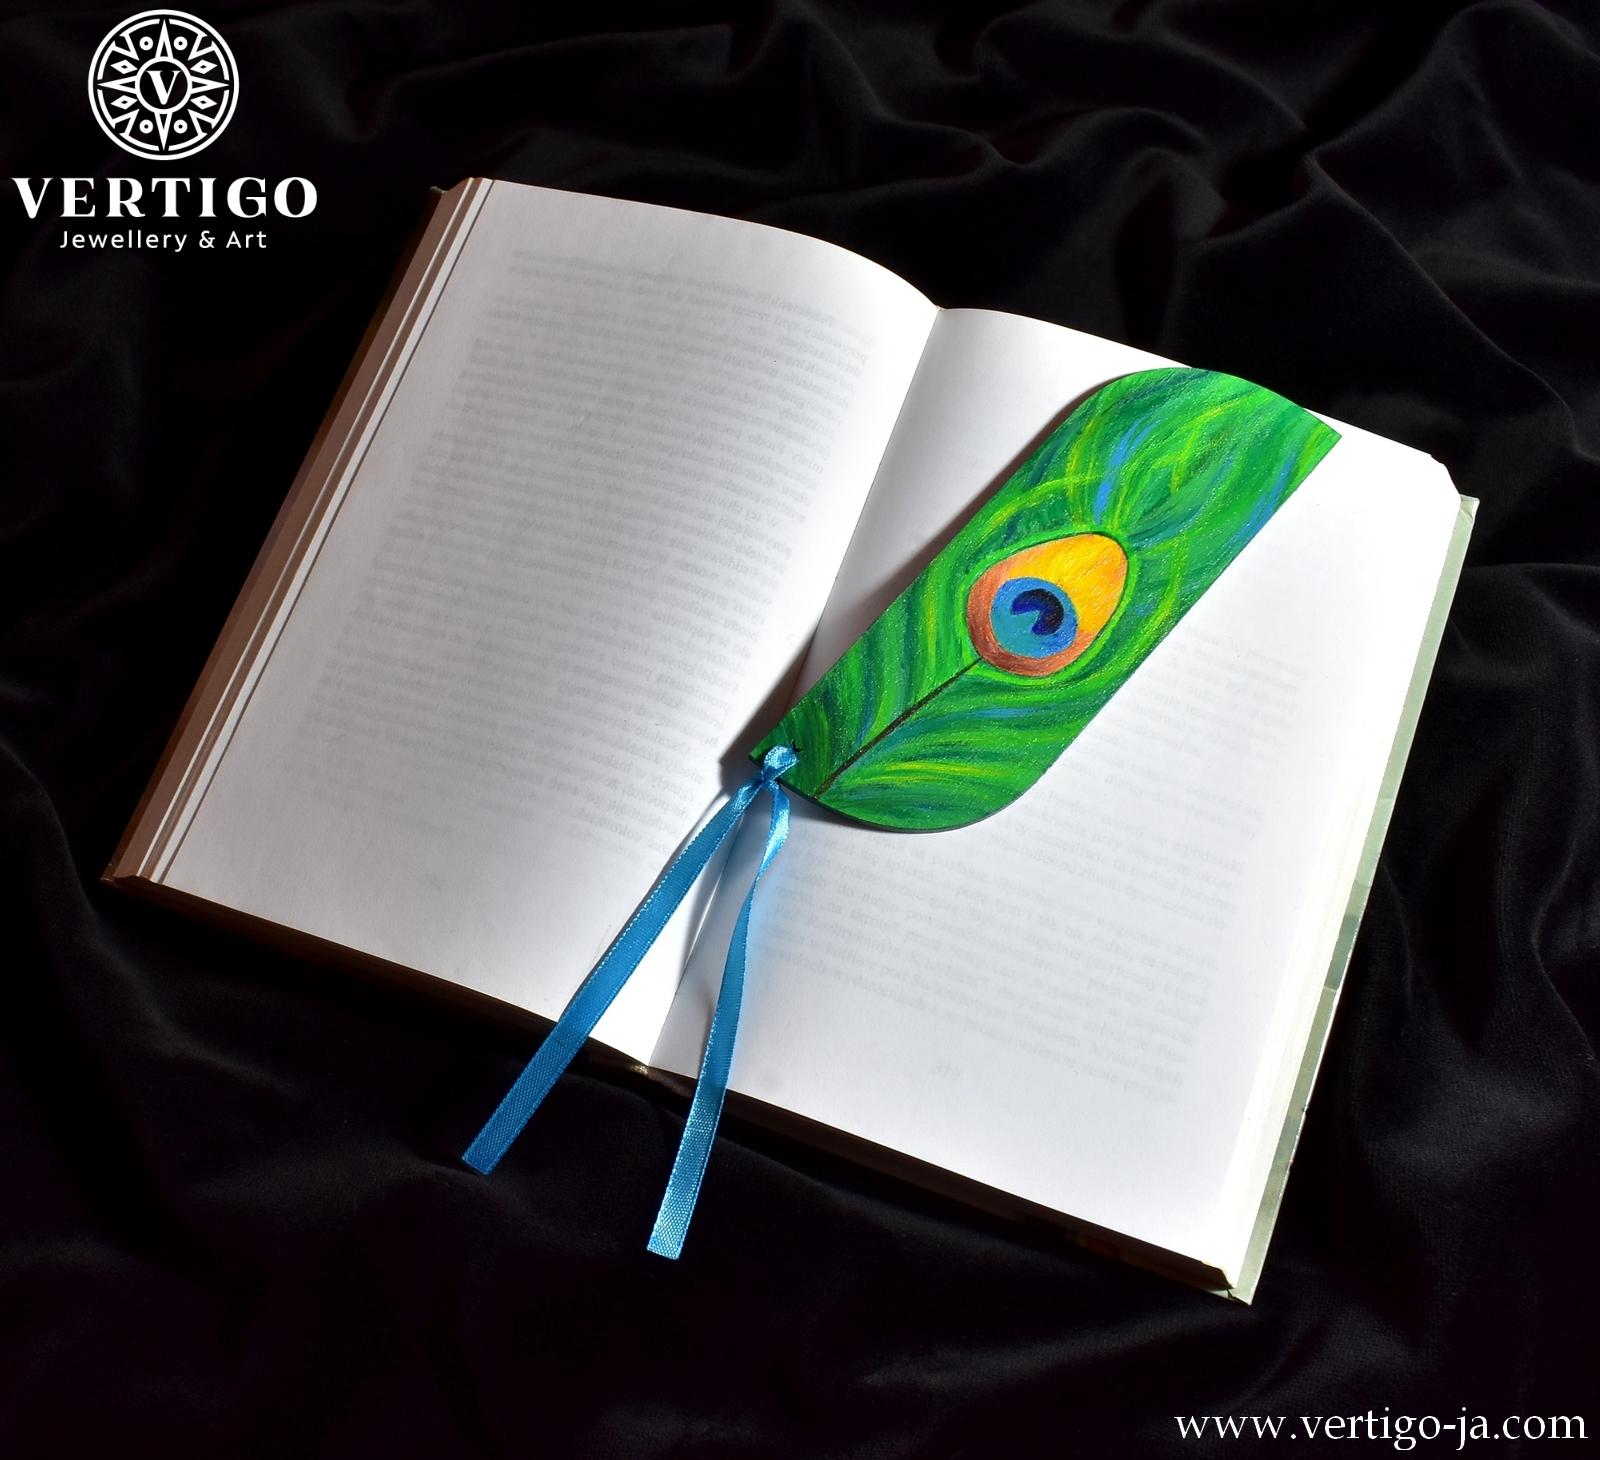 Ręcznie malowana zakładka do książki z pawim piórem. Do zakładki przywiązano niebieska wstążkę. Drewniana zakładka.